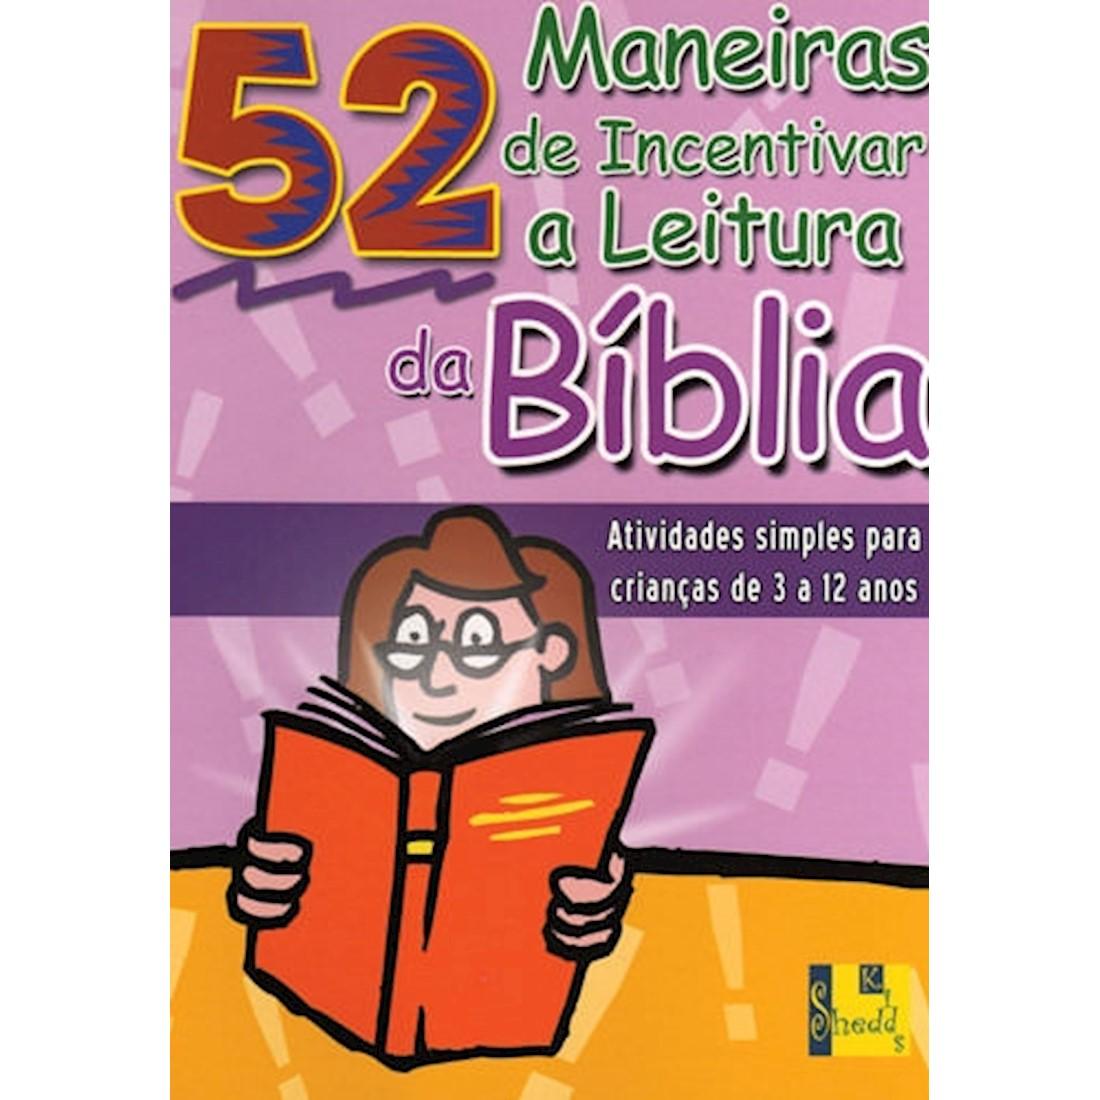 Livro 52 Maneiras de Incentivar a Leitura da Bíblia